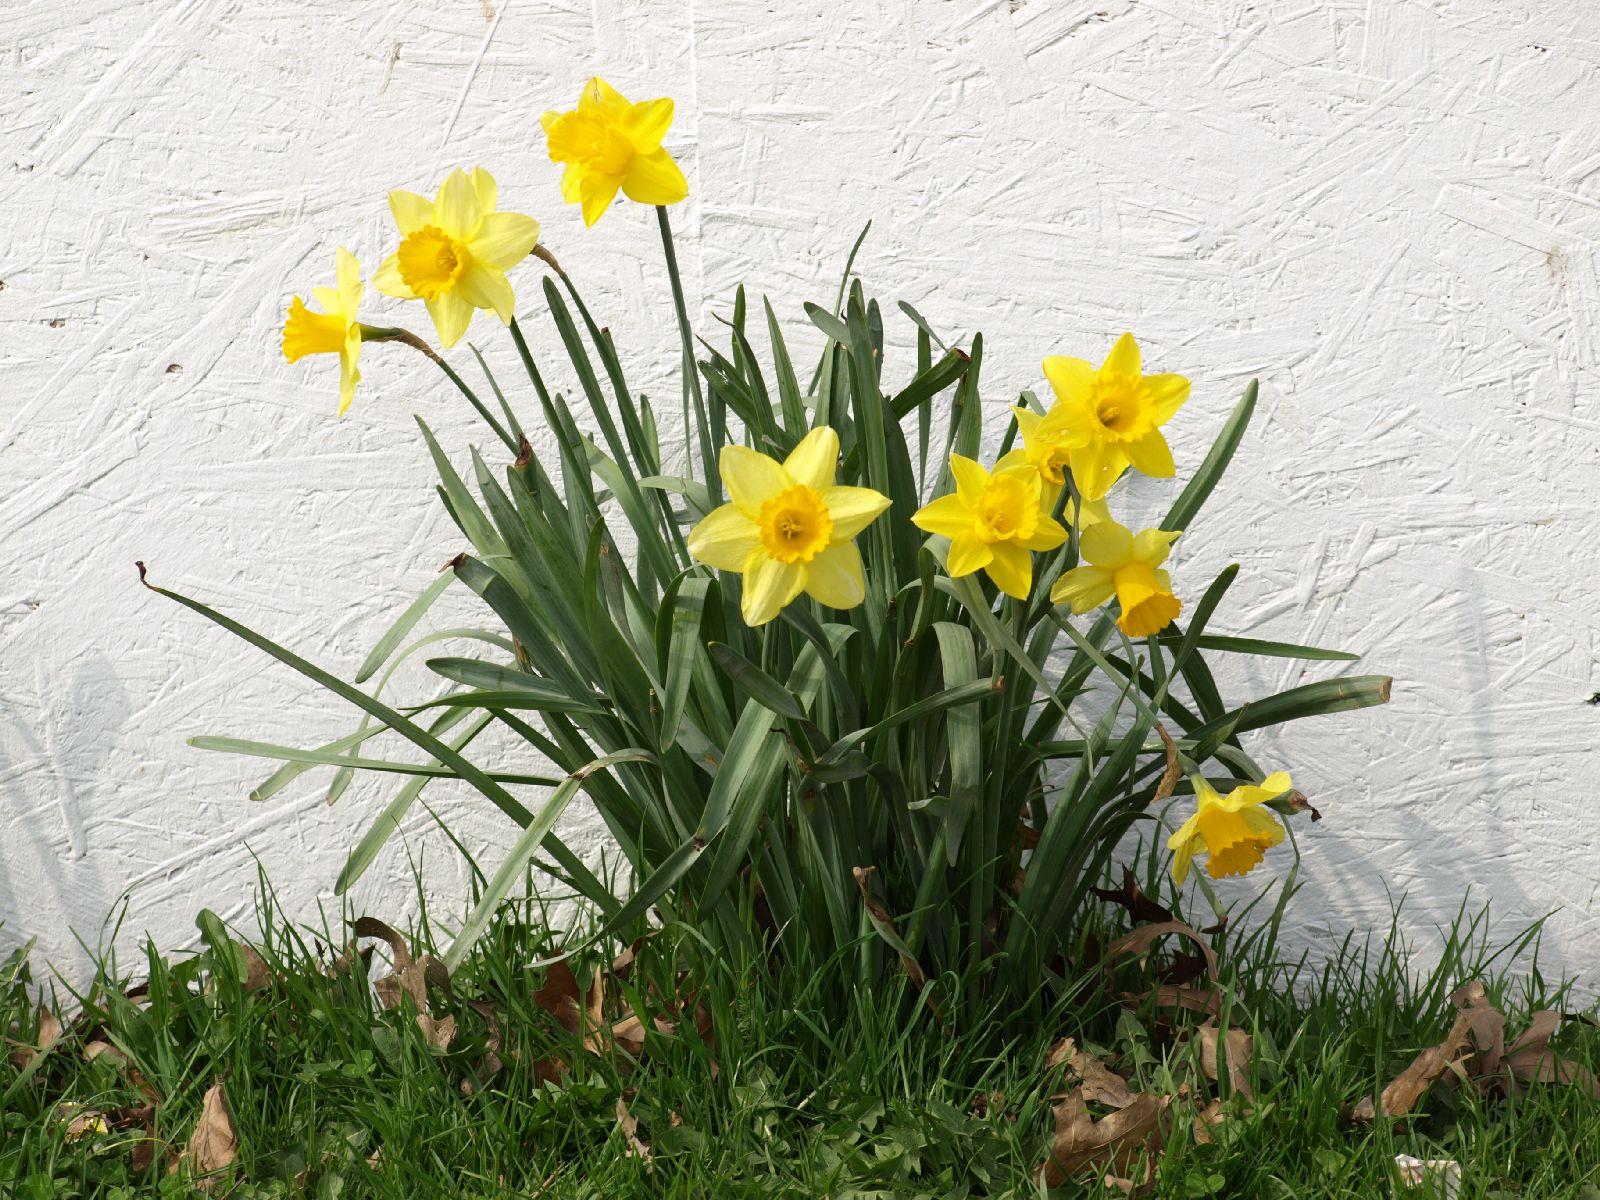 Pflanzen-Blumen-Foto_Textur_B_P4041563